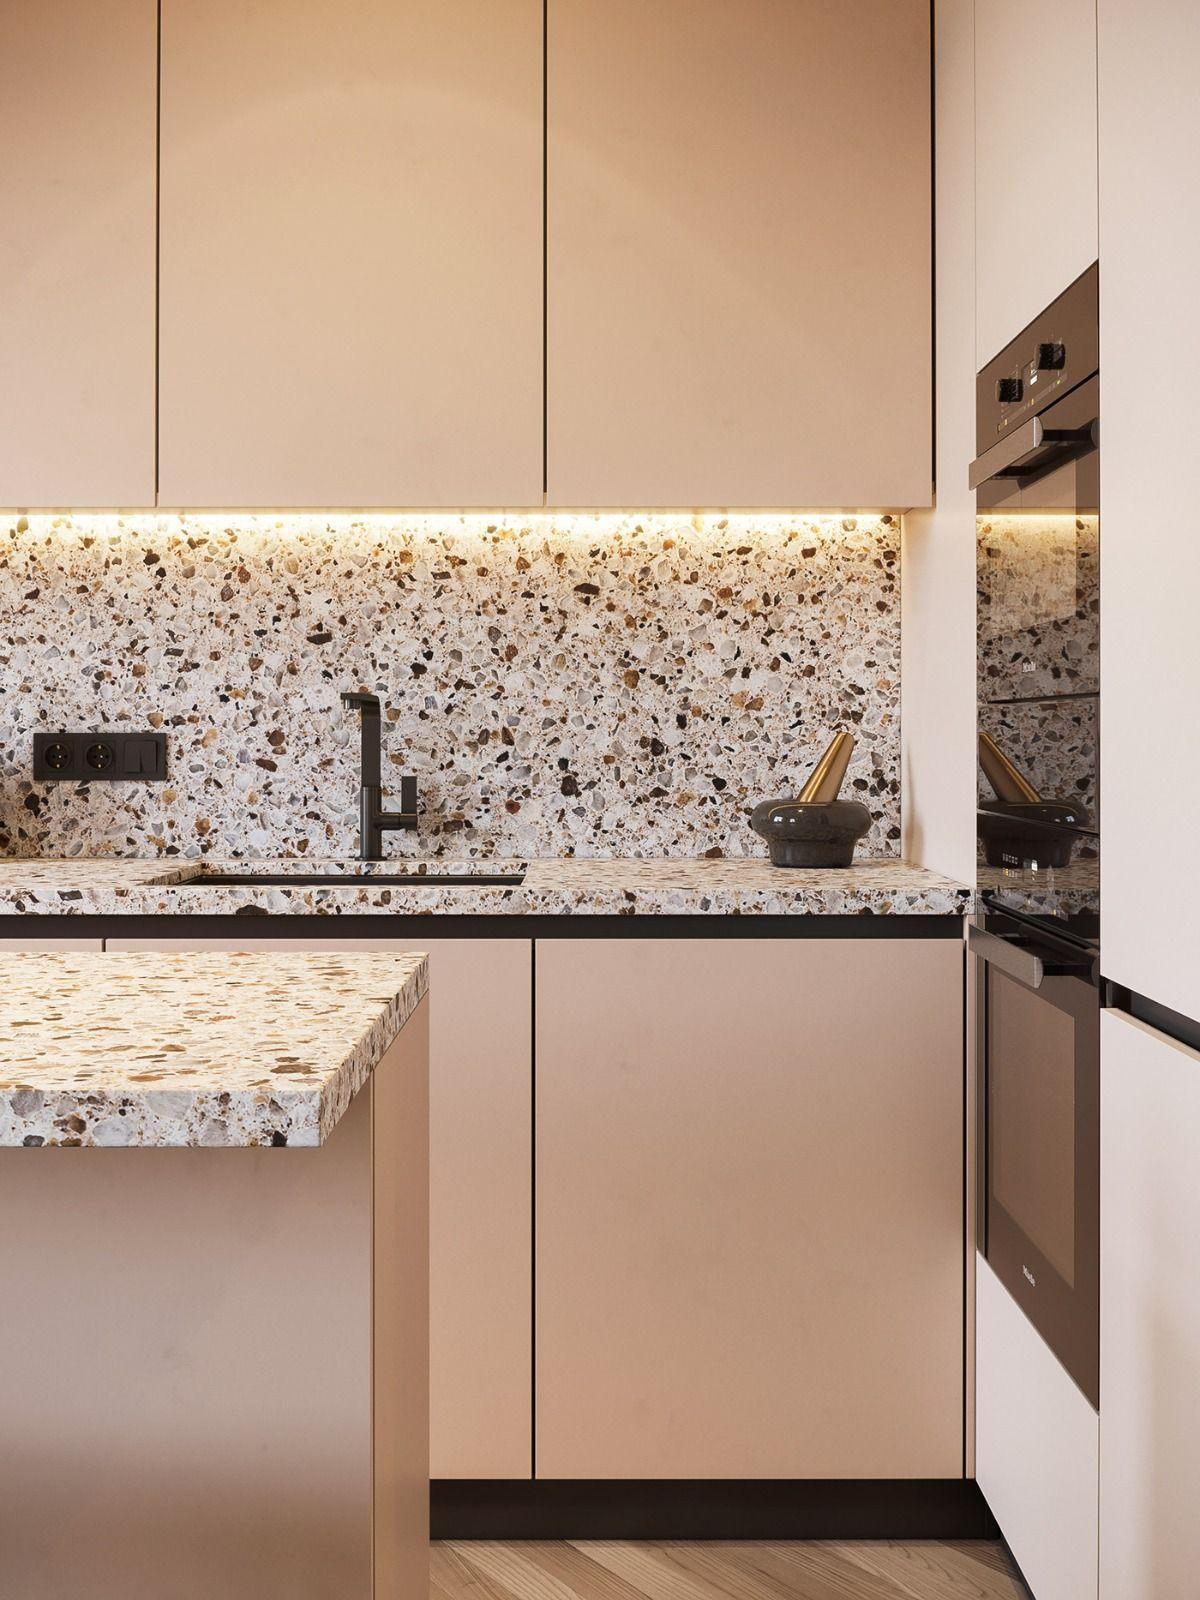 Terrazzo Platten Kaufen Und Zuhause Benutzen Beispiele Und Designs In 2020 Terrazzo Kuchen Design Ideen Kuchen Inspiration